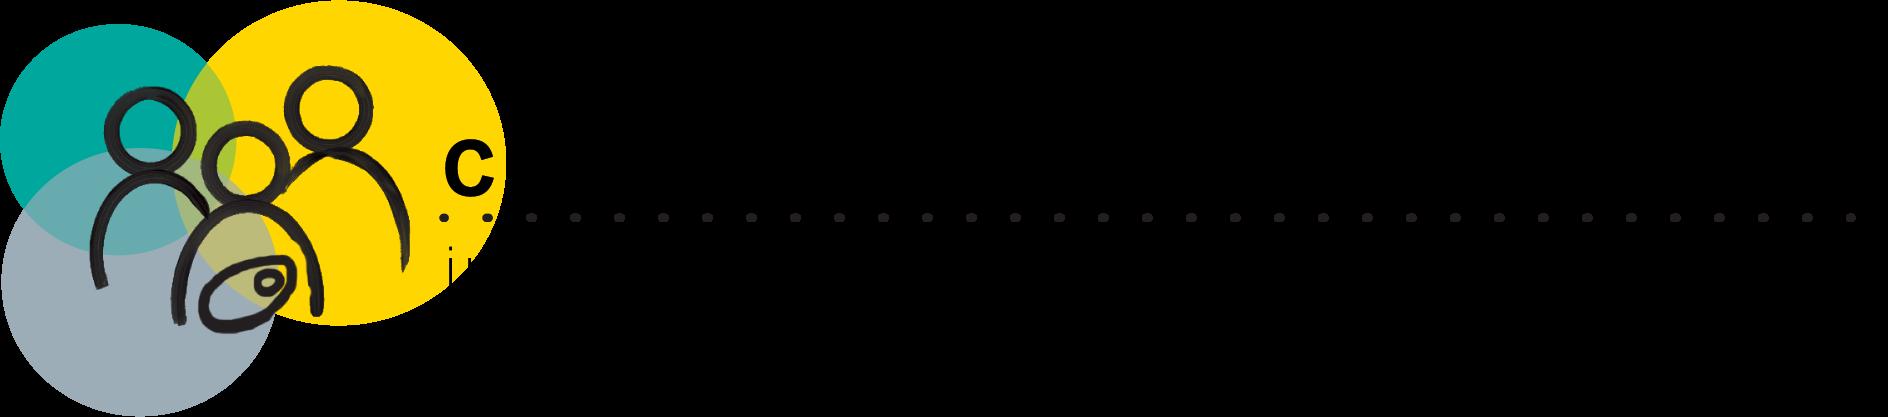 coaching young parents logo_Nov2018